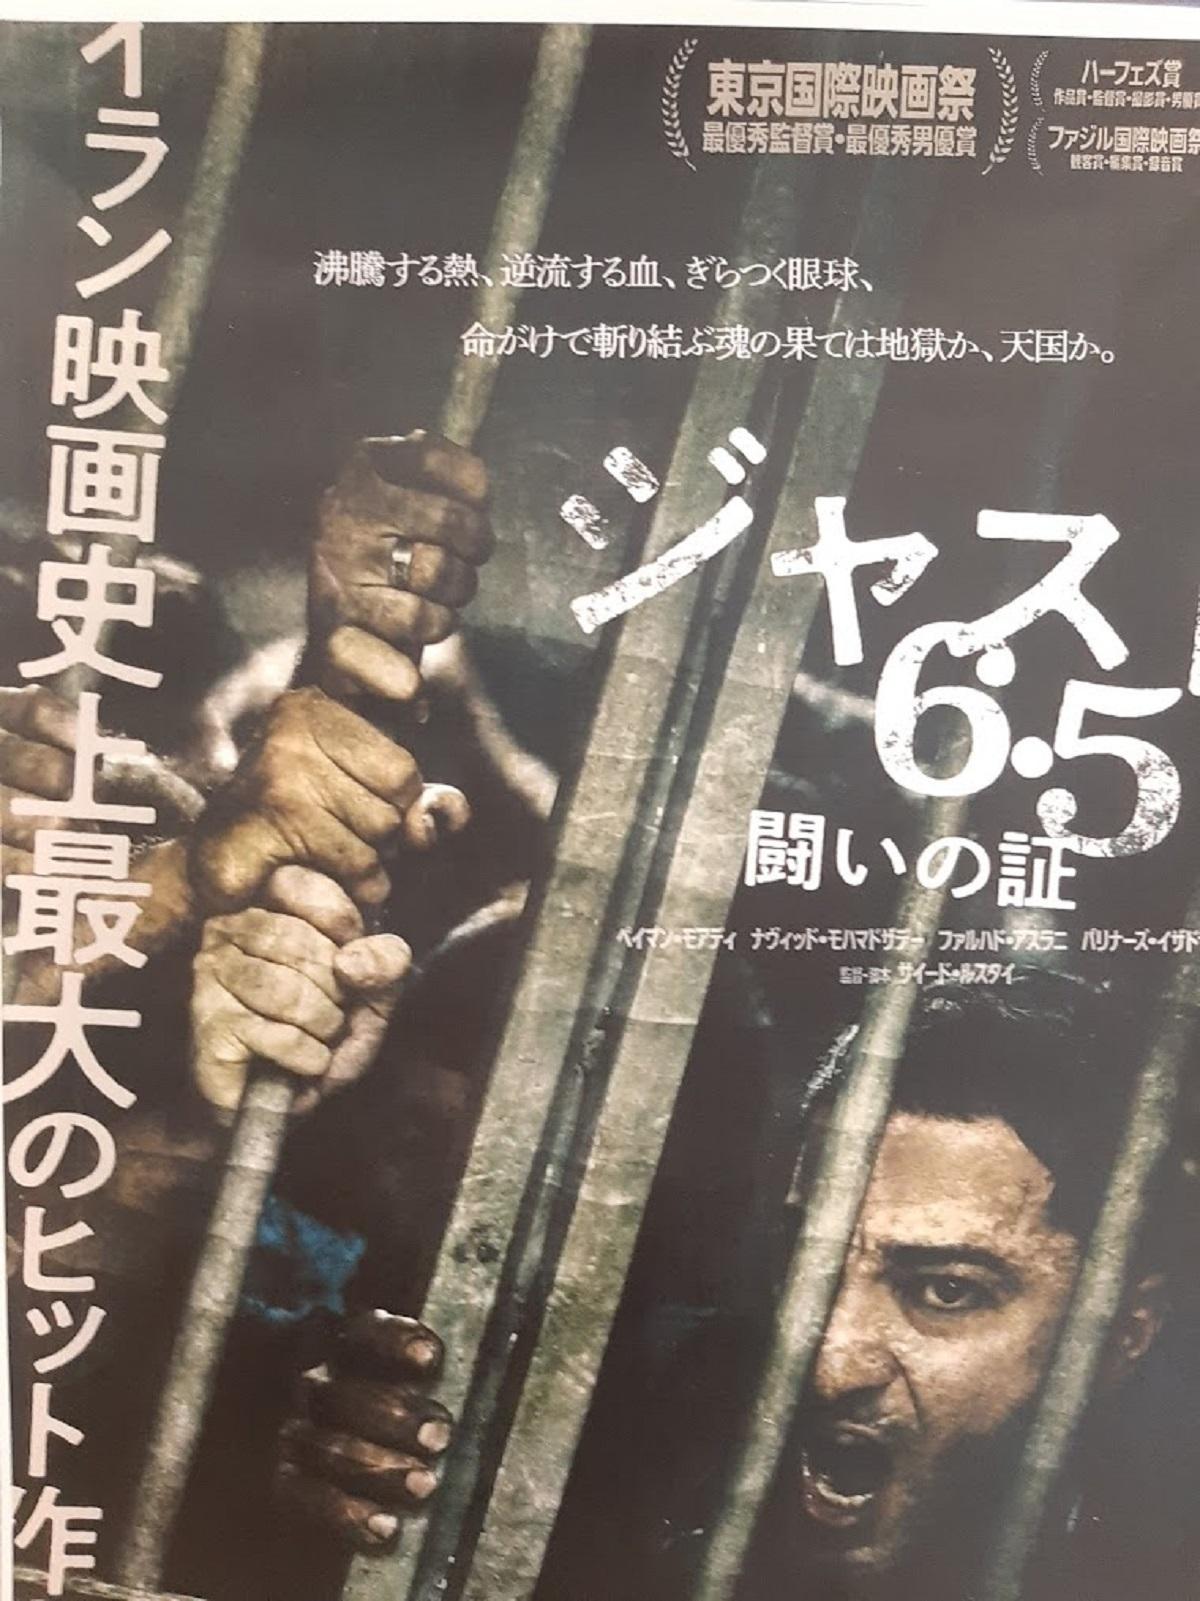 映画『ジャスト6.5 闘いの証』のポスター